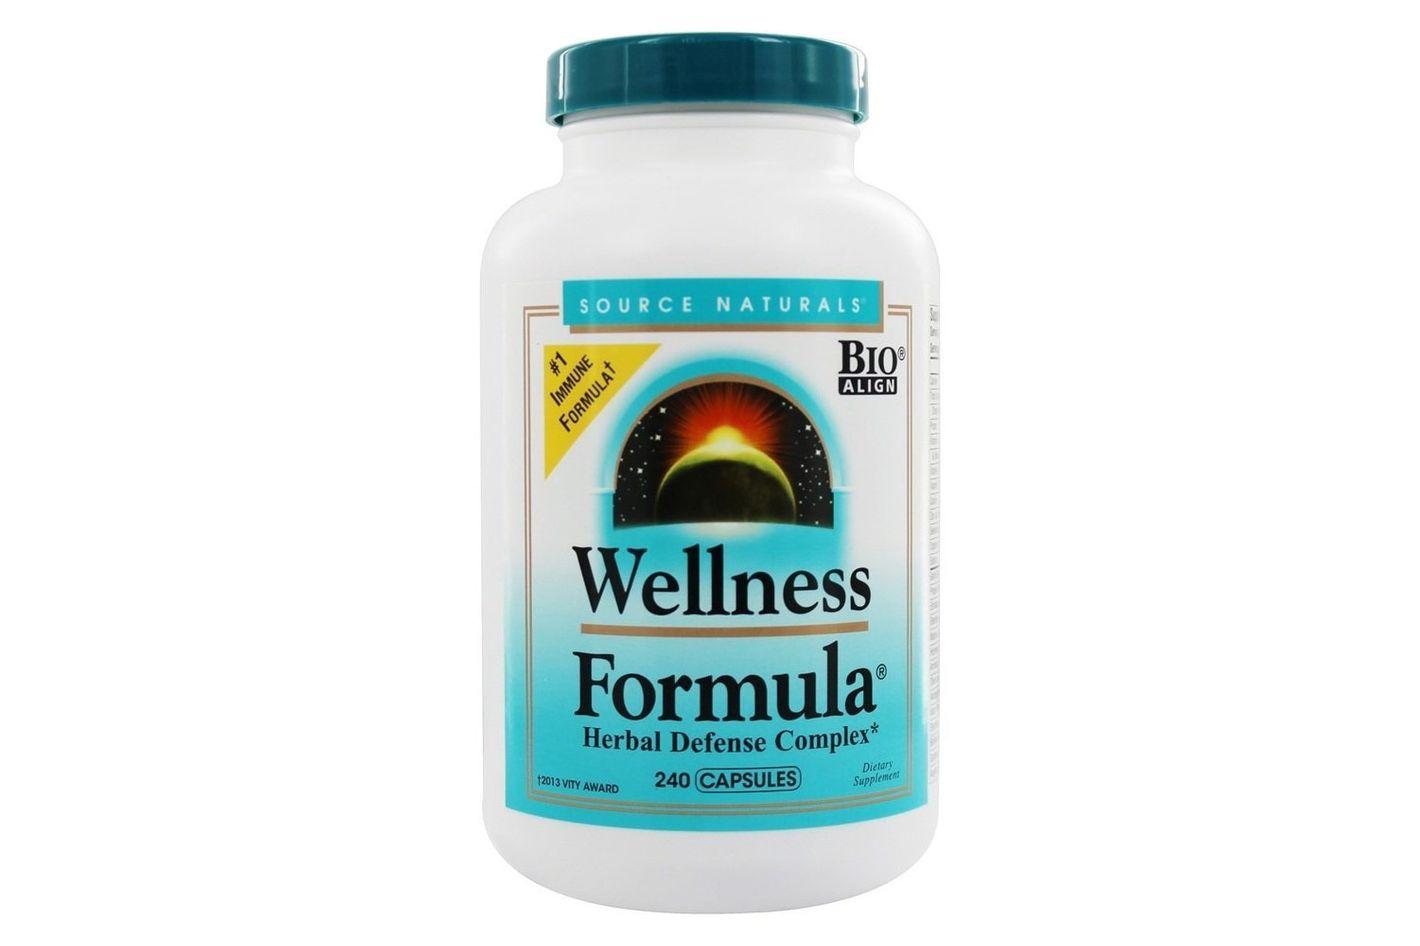 Wellness Formula Herbal Defense Capsules (240 count)